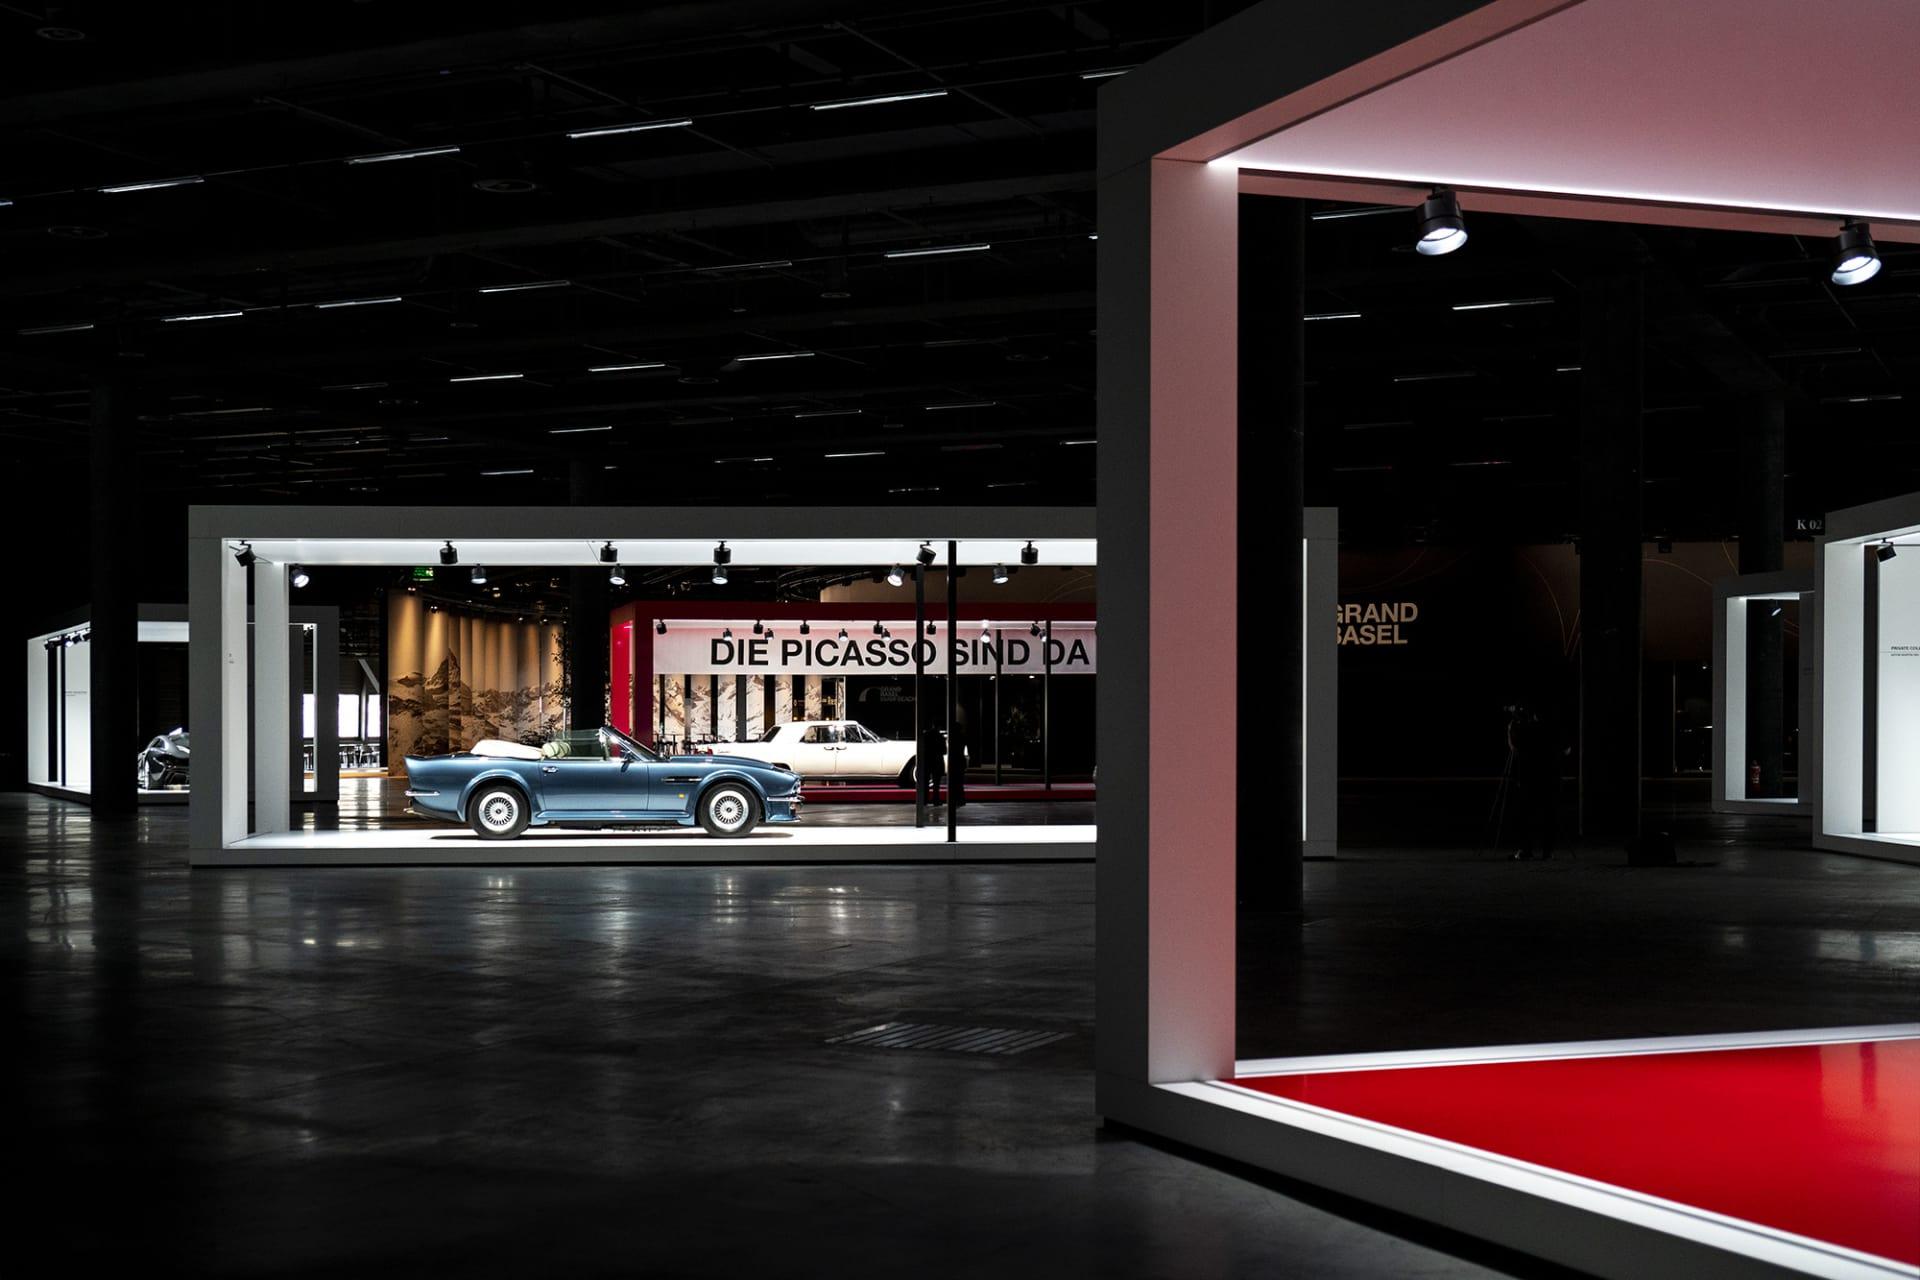 """Utformningen och ljussättningen på Grand Basel står i en helt egen klass jämfört med andra bilmässor. De speciella montrarna, som ska flytta med mässan runt om i världen, gör att bilarna ramas in på en mycket smakfullt vis. I mitten på bilden en Aston Martin V8 Vantage Volante, en bilmodell James Bond körde i filmen """"The Living Daylights"""" fast då inte som kabriolettversion. Som kabriolett byggdes endast 192 exemplar och det gör den extremt värdefull."""